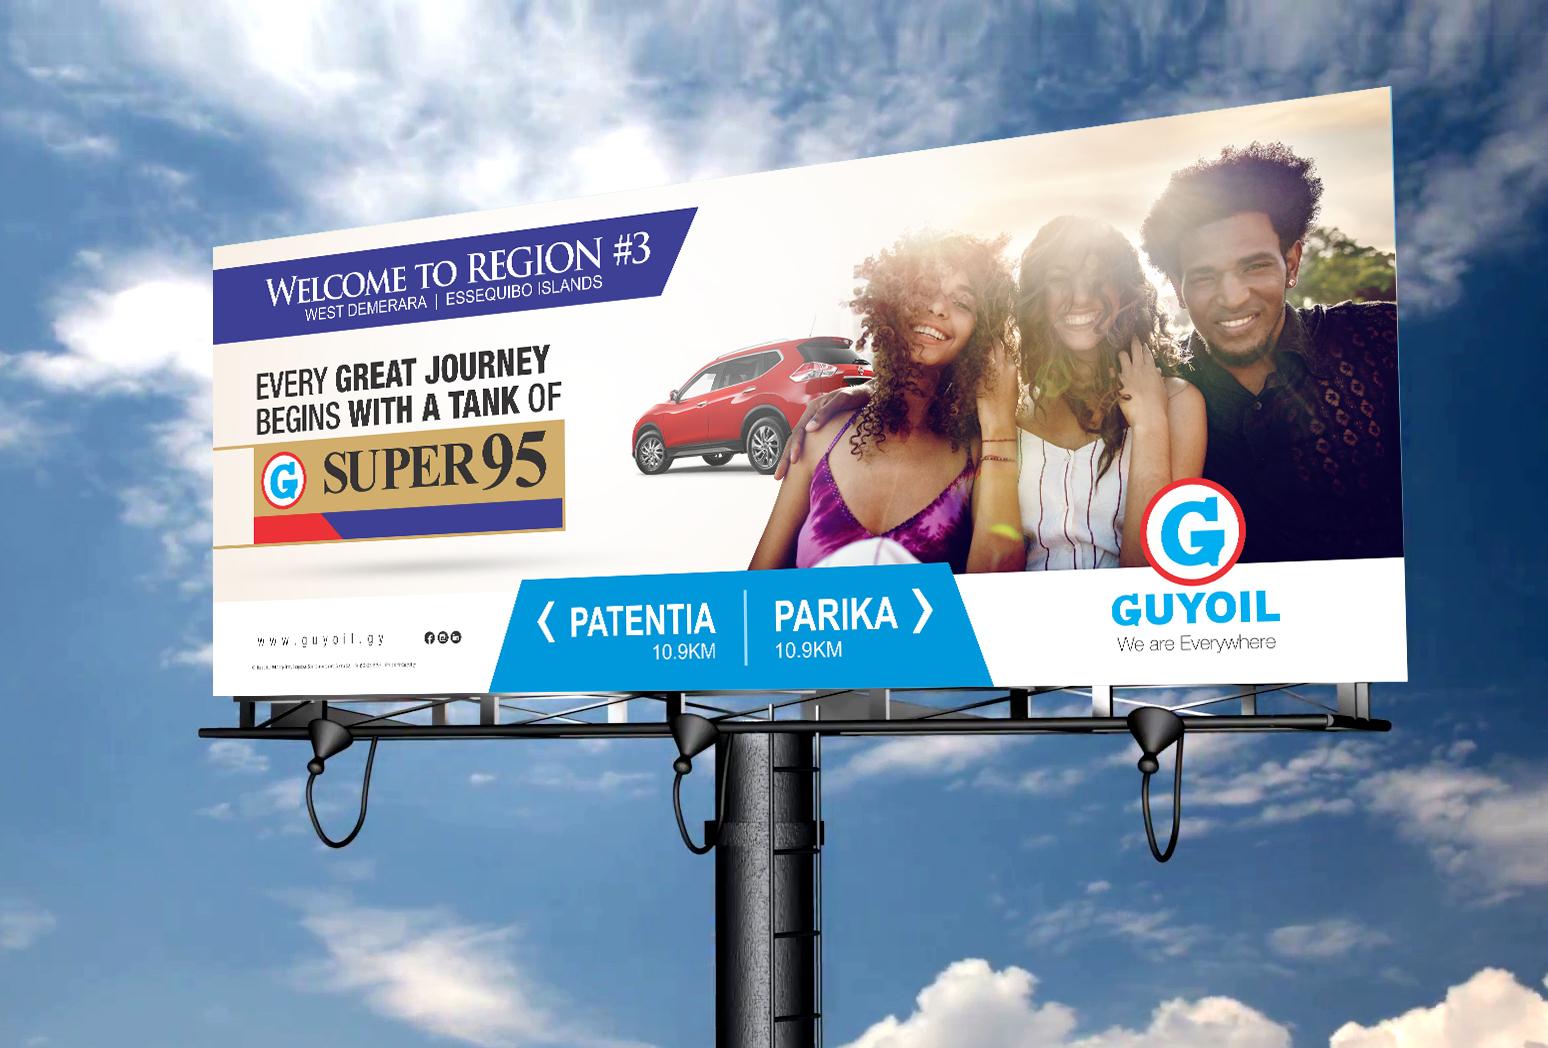 Guyoil Super 95